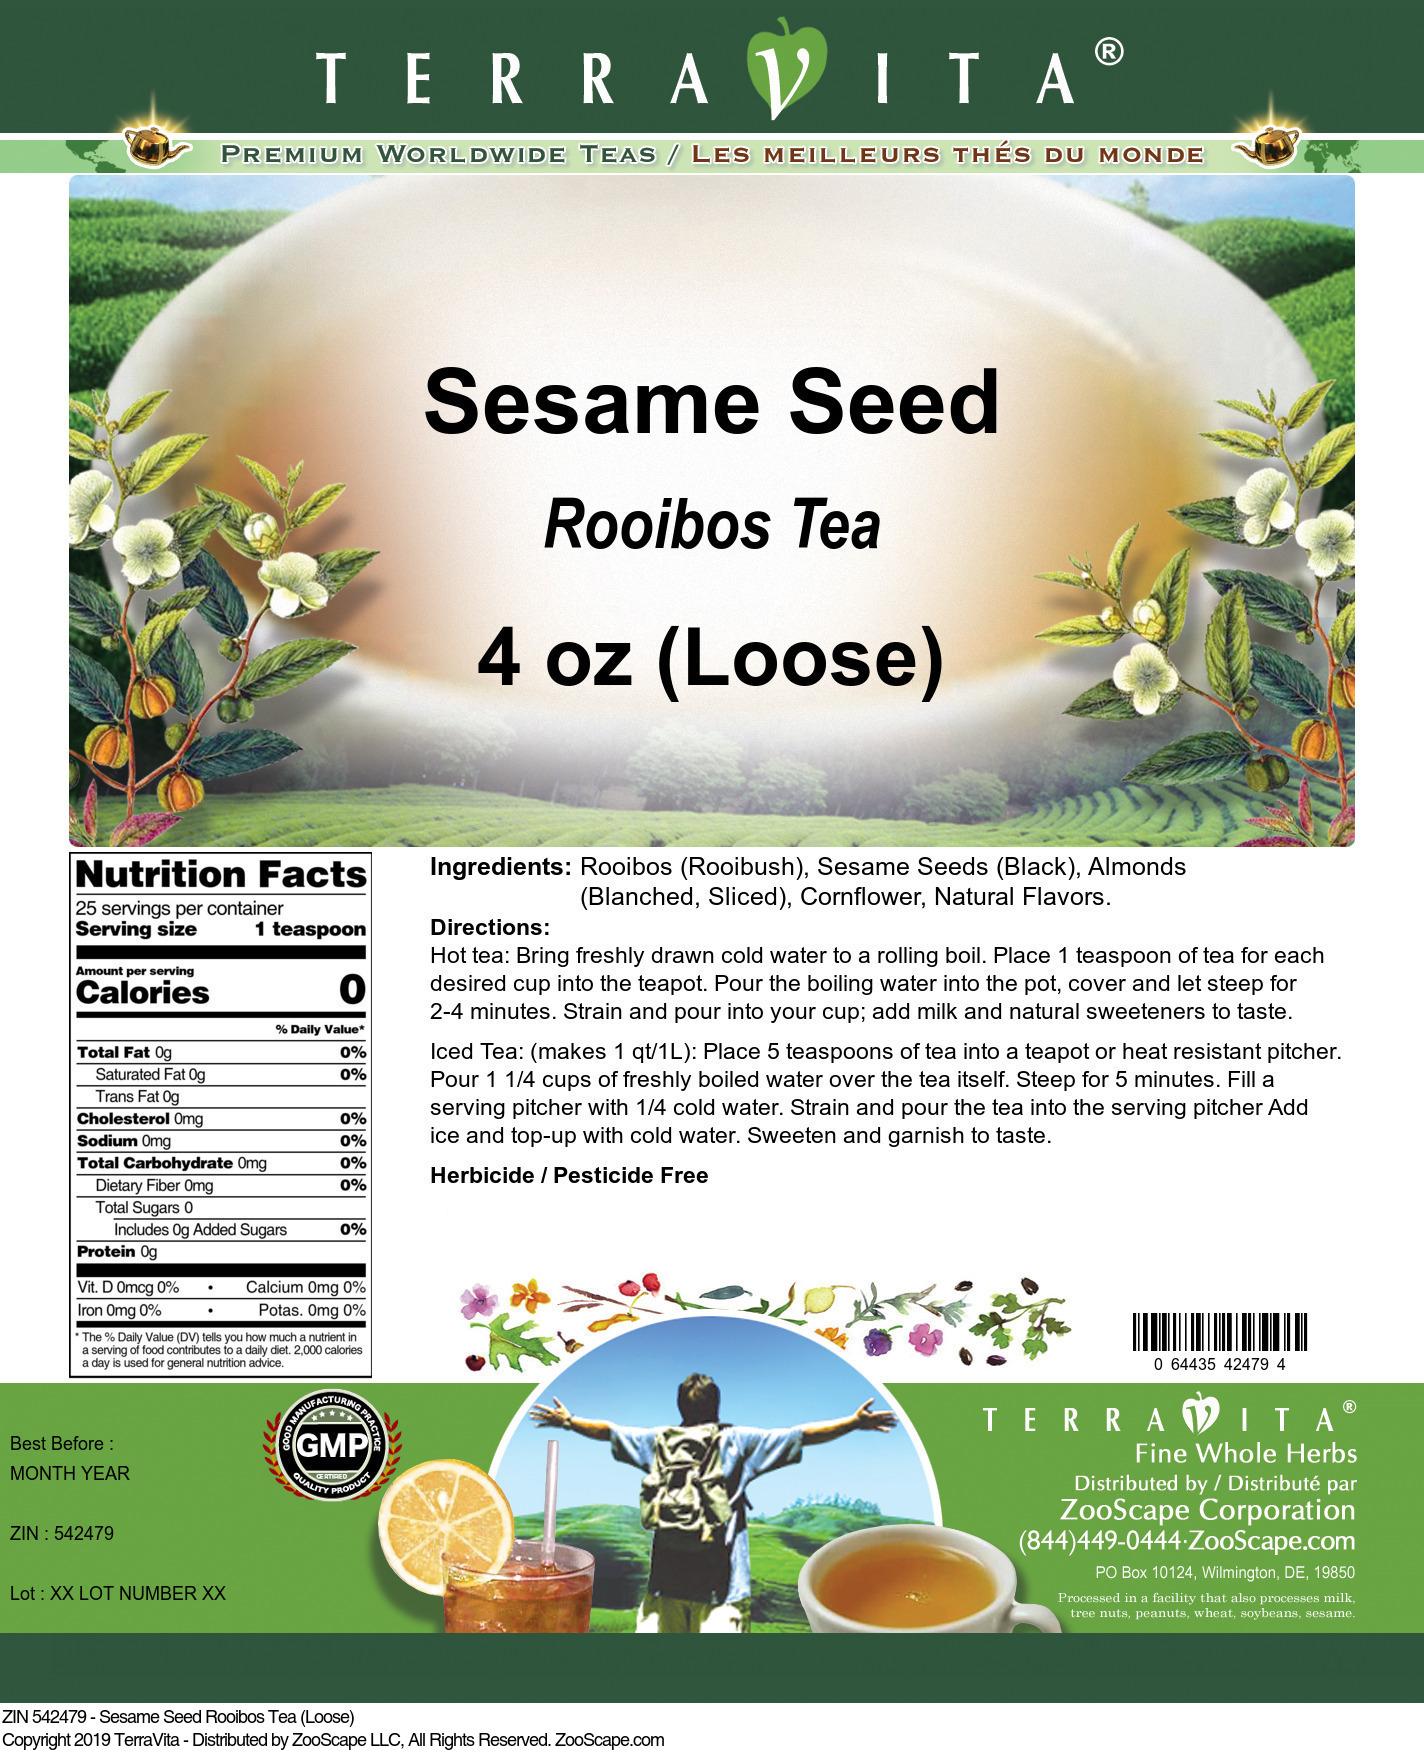 Sesame Seed Rooibos Tea